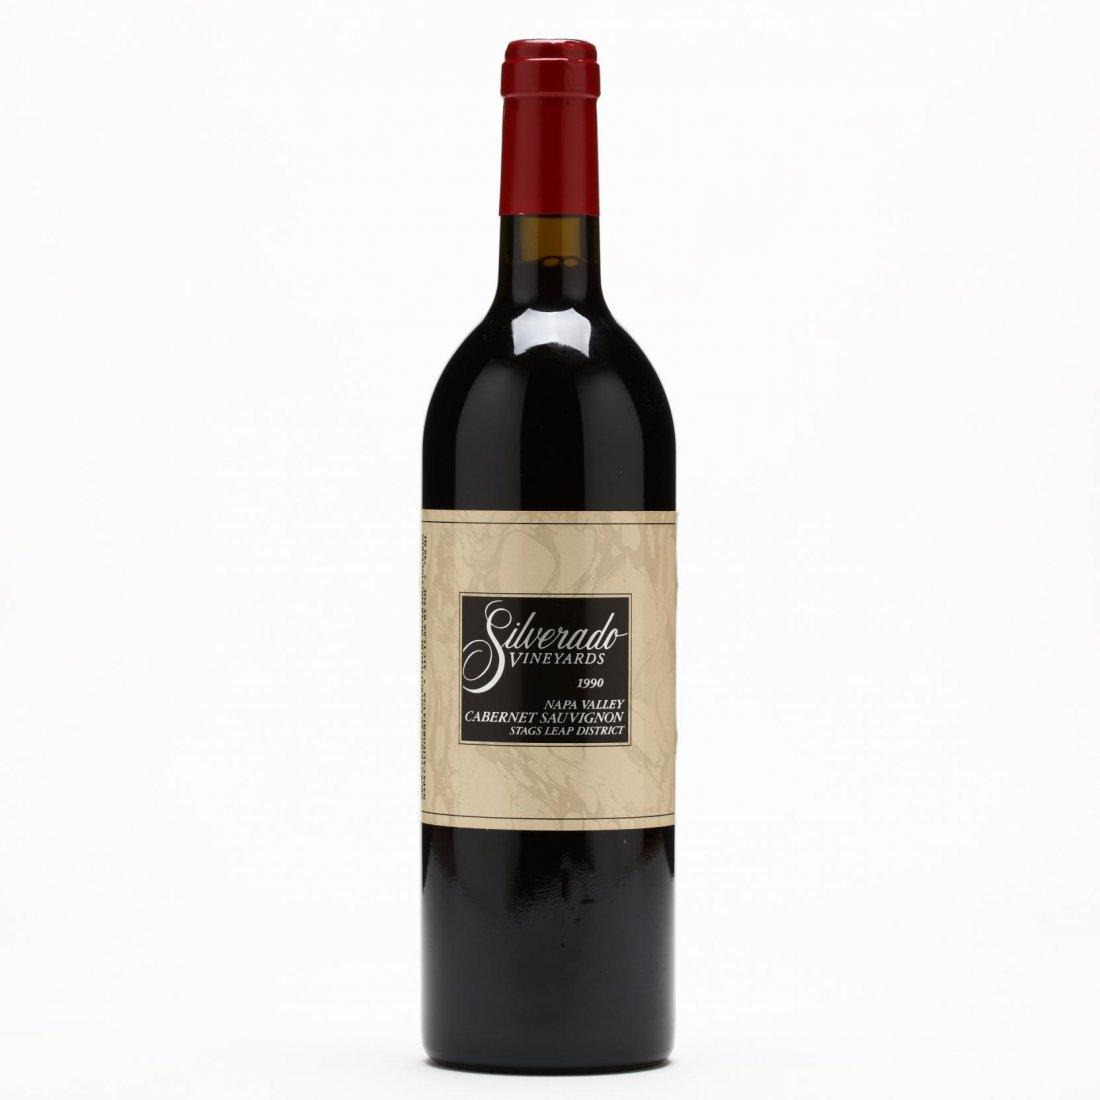 Silverado Vineyards - Vintage 1990